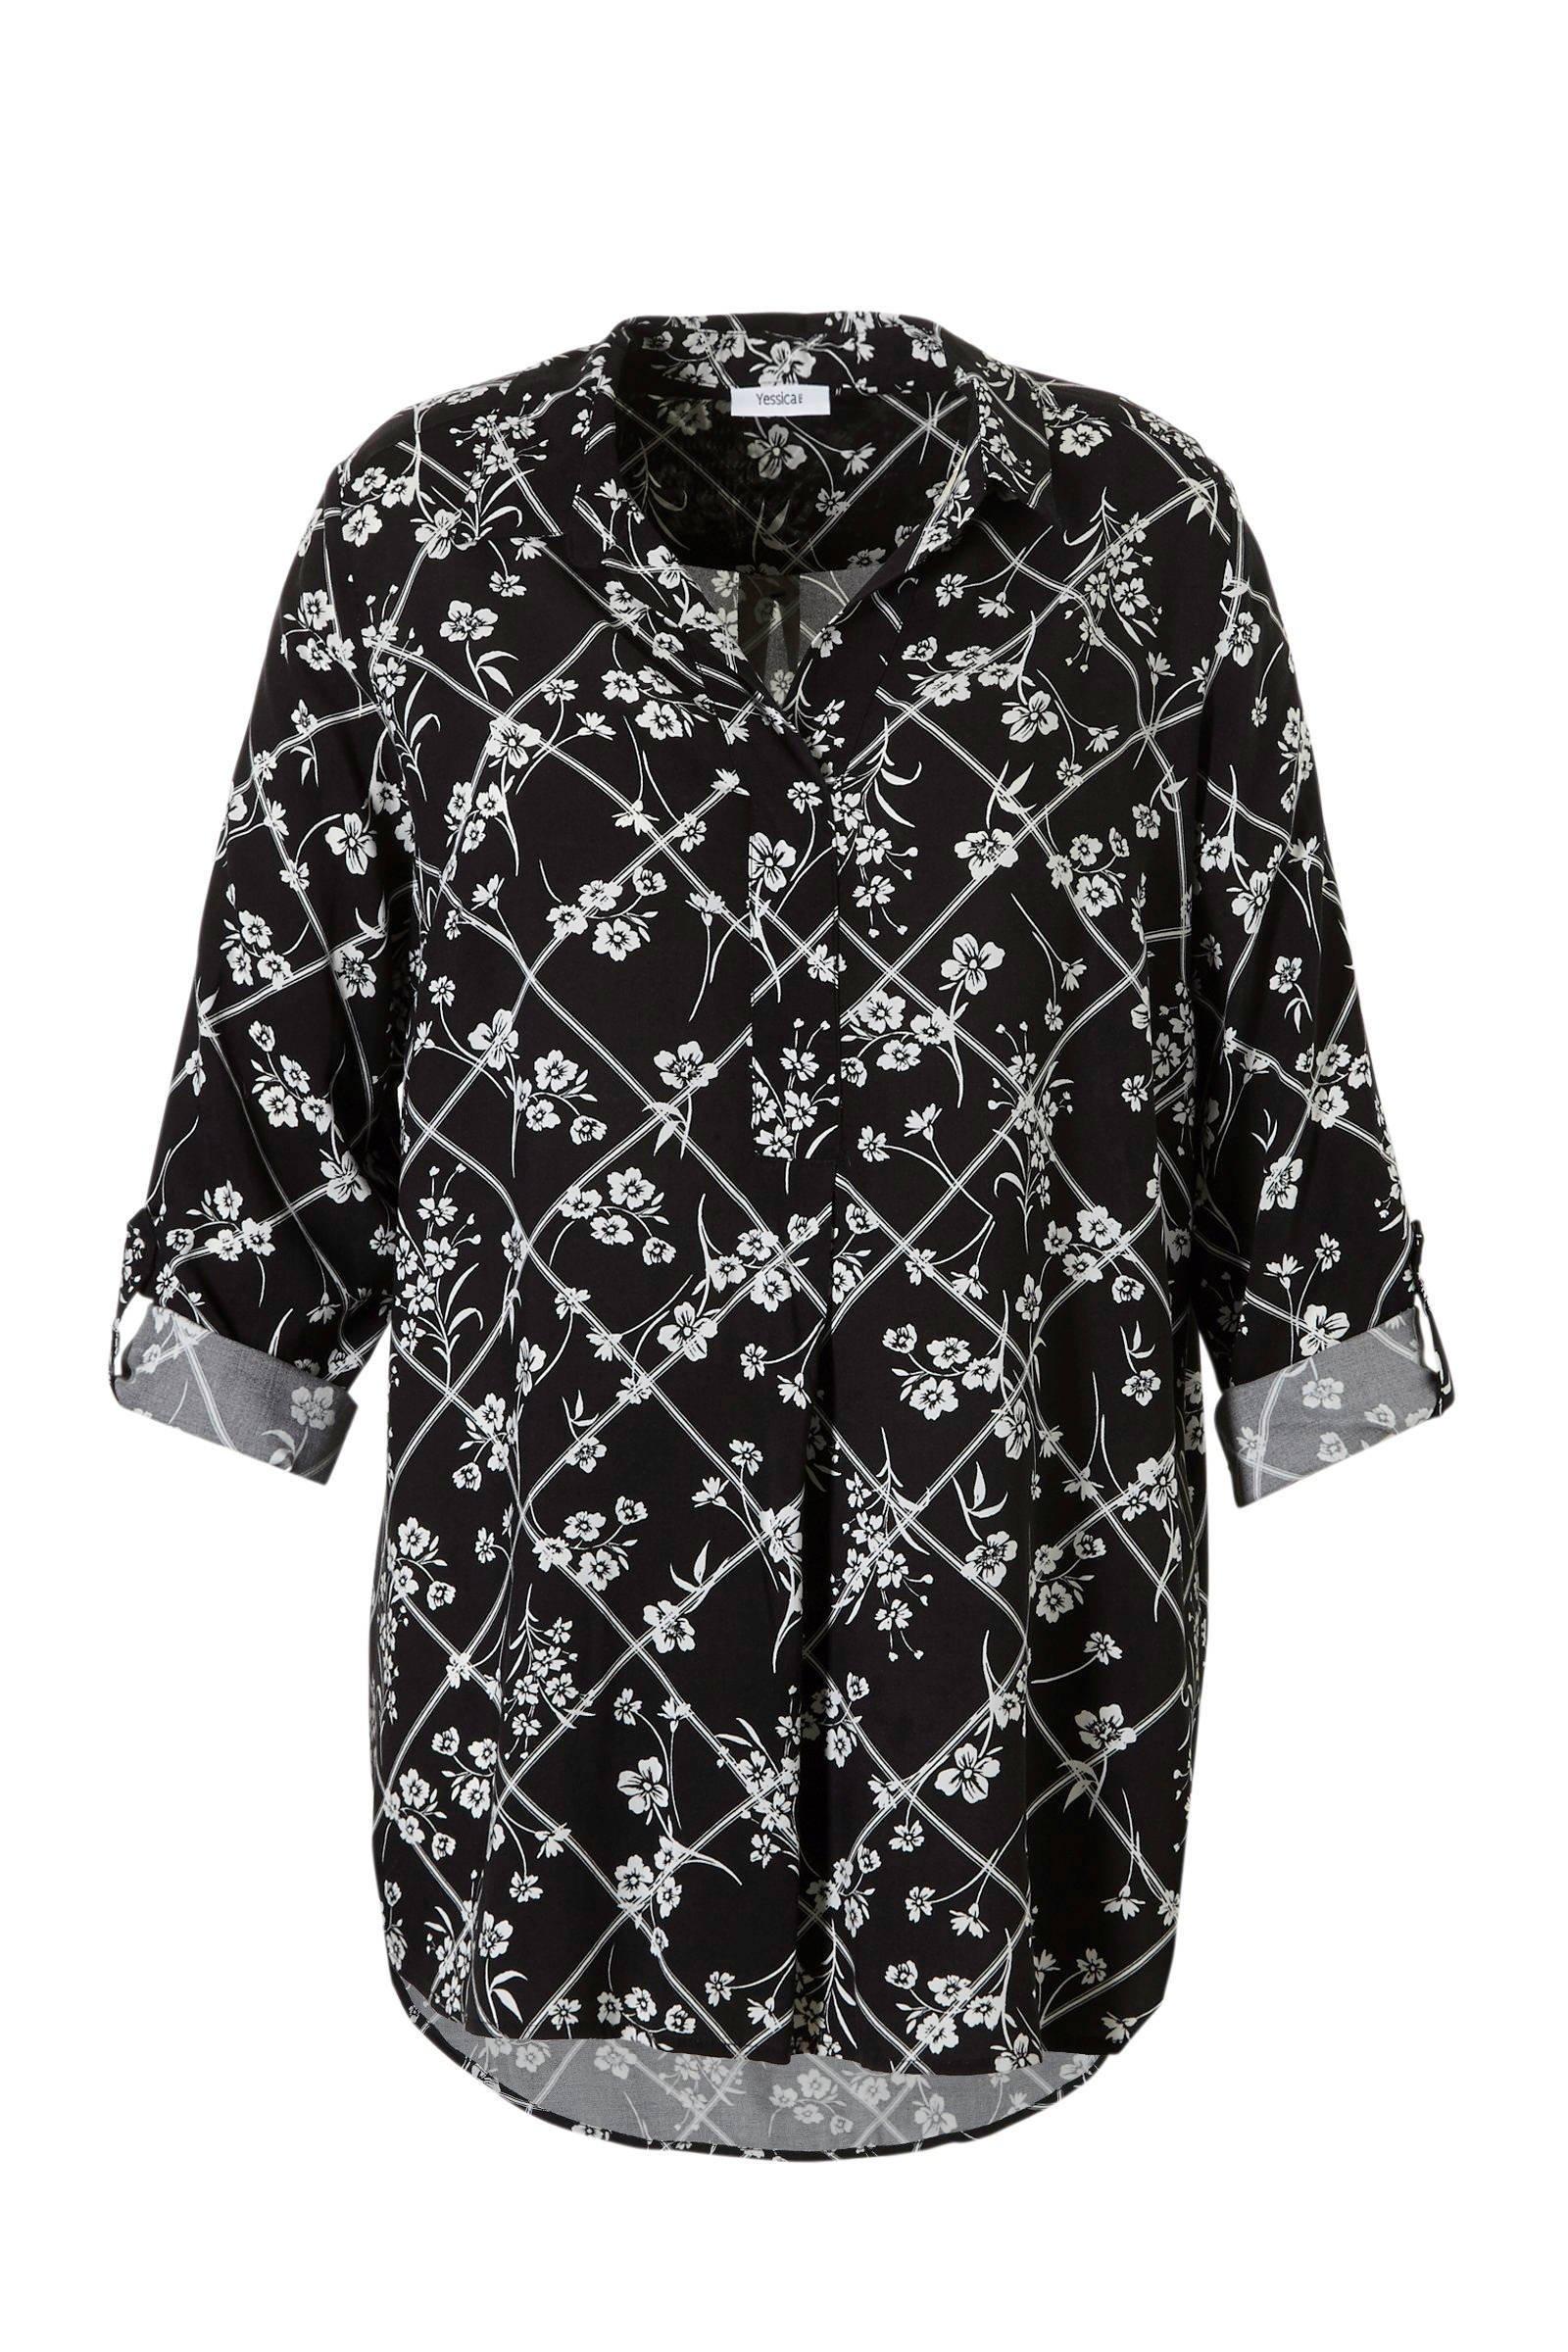 Yessica bloemenprint zwart tuniek C met geruit XL A vwHUR